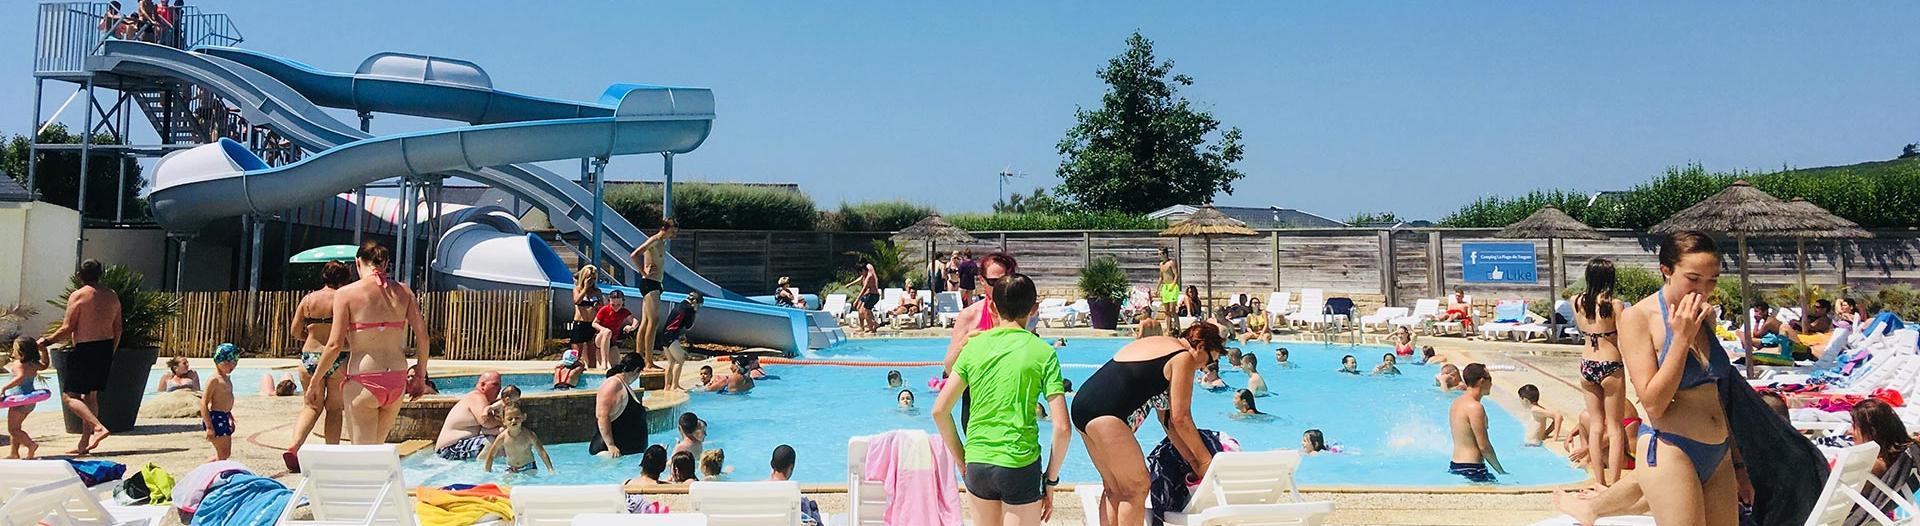 slider-camping-plage-treguer-finistere-plonevez-porzay-piscine-toboggans